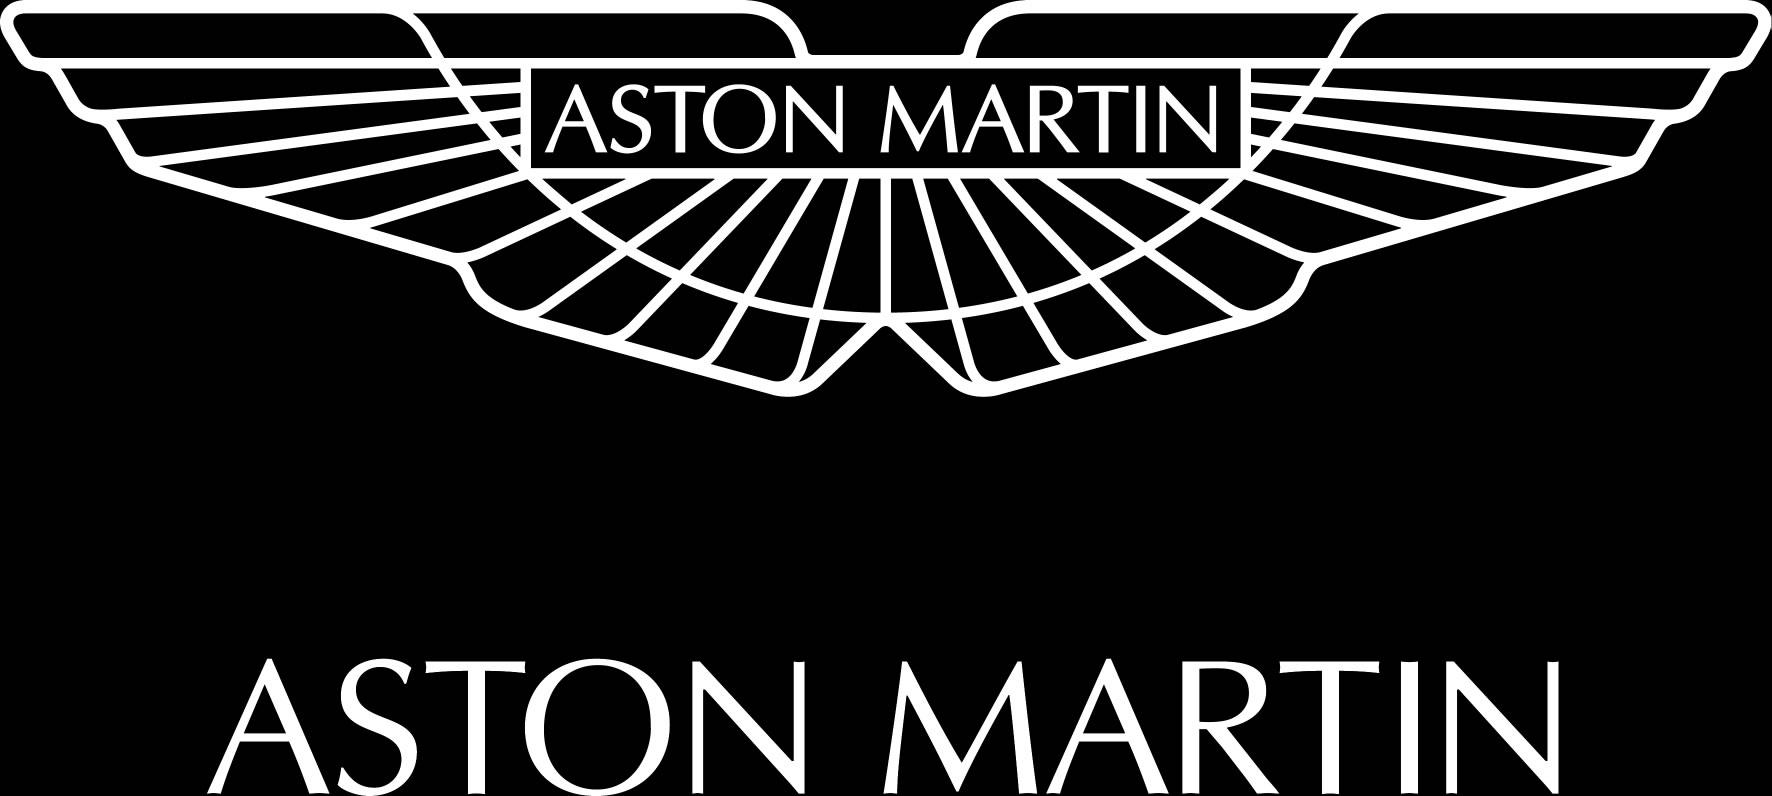 aston_martin_white_onblack.jpg